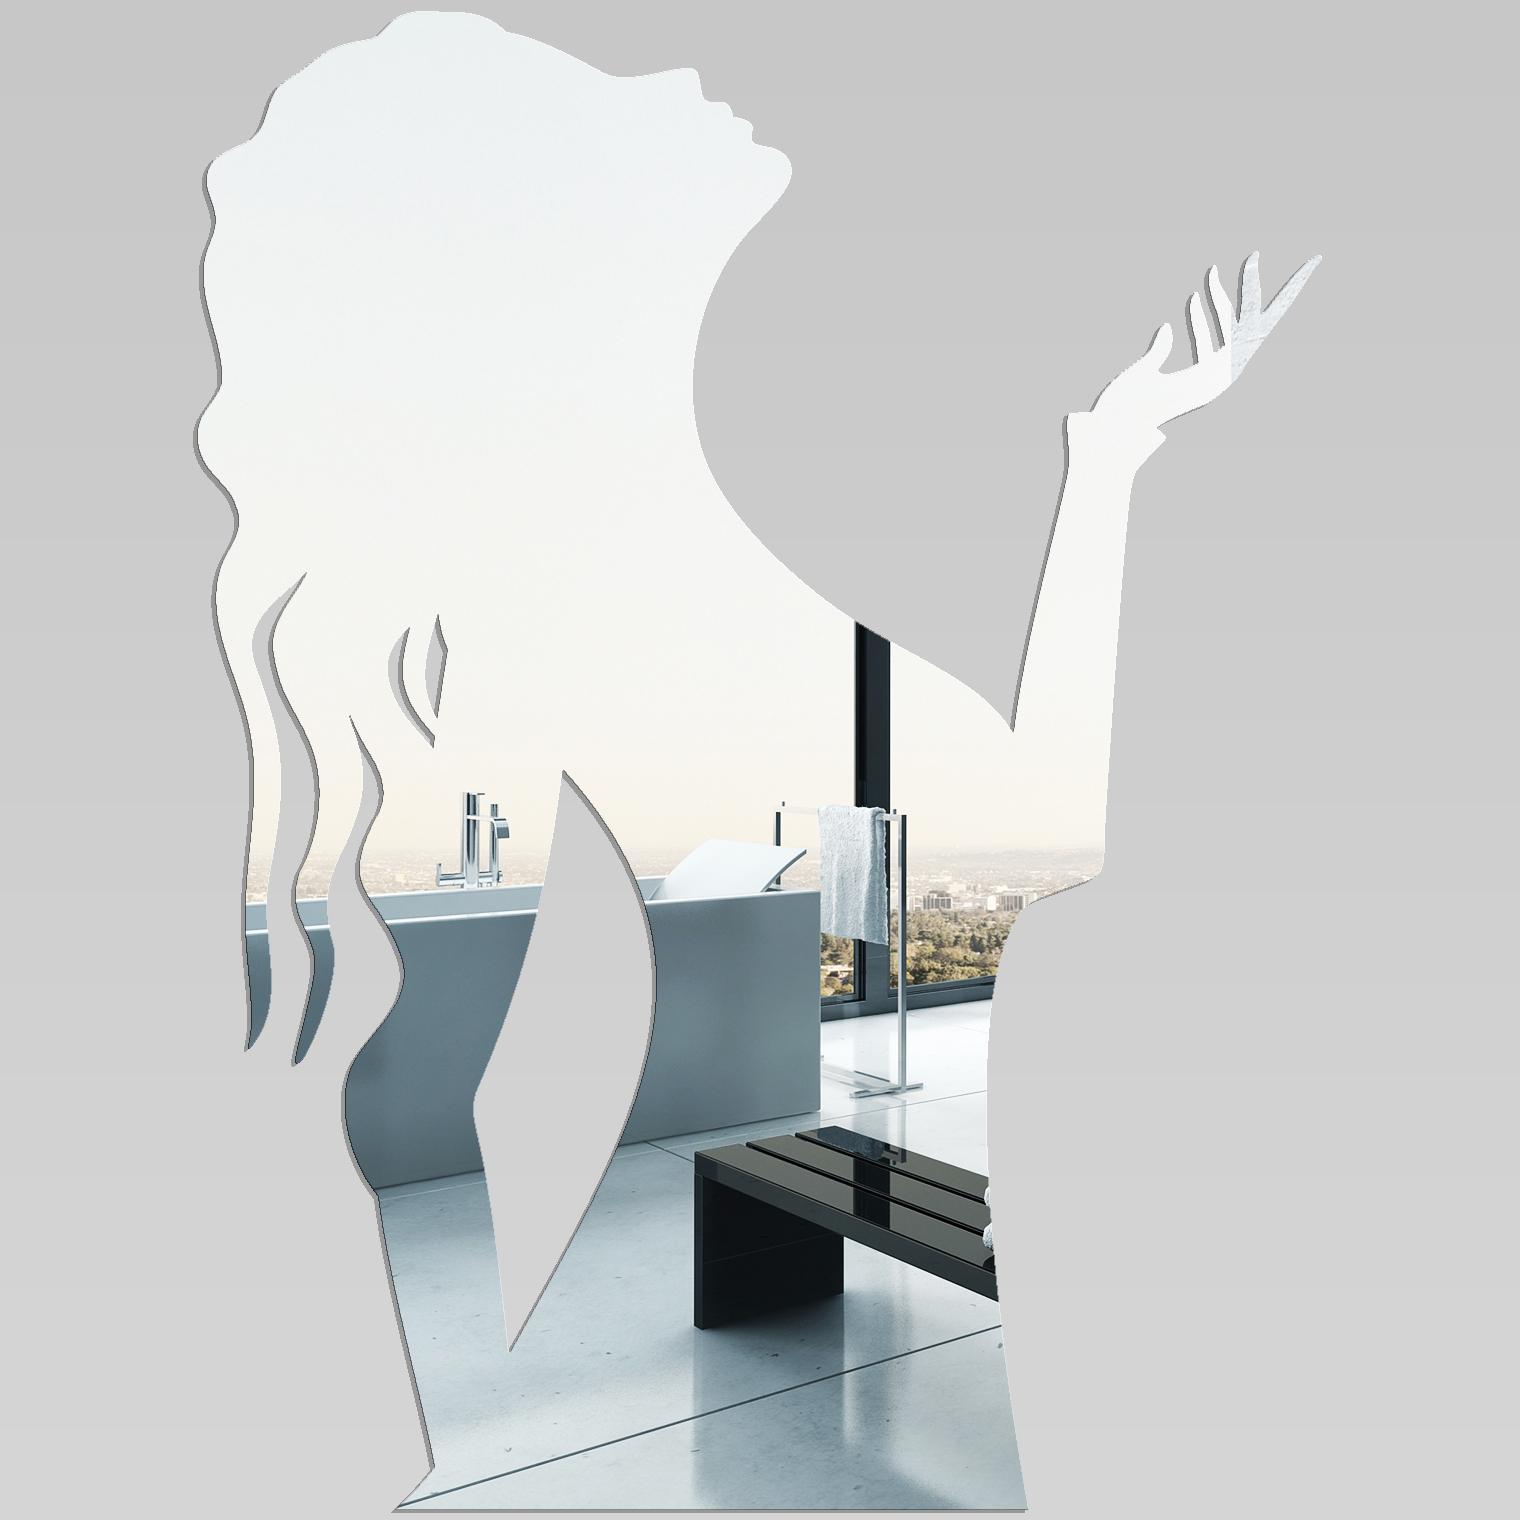 Adesivi follia specchio acrilico plexiglass donna - Plexiglass a specchio ...